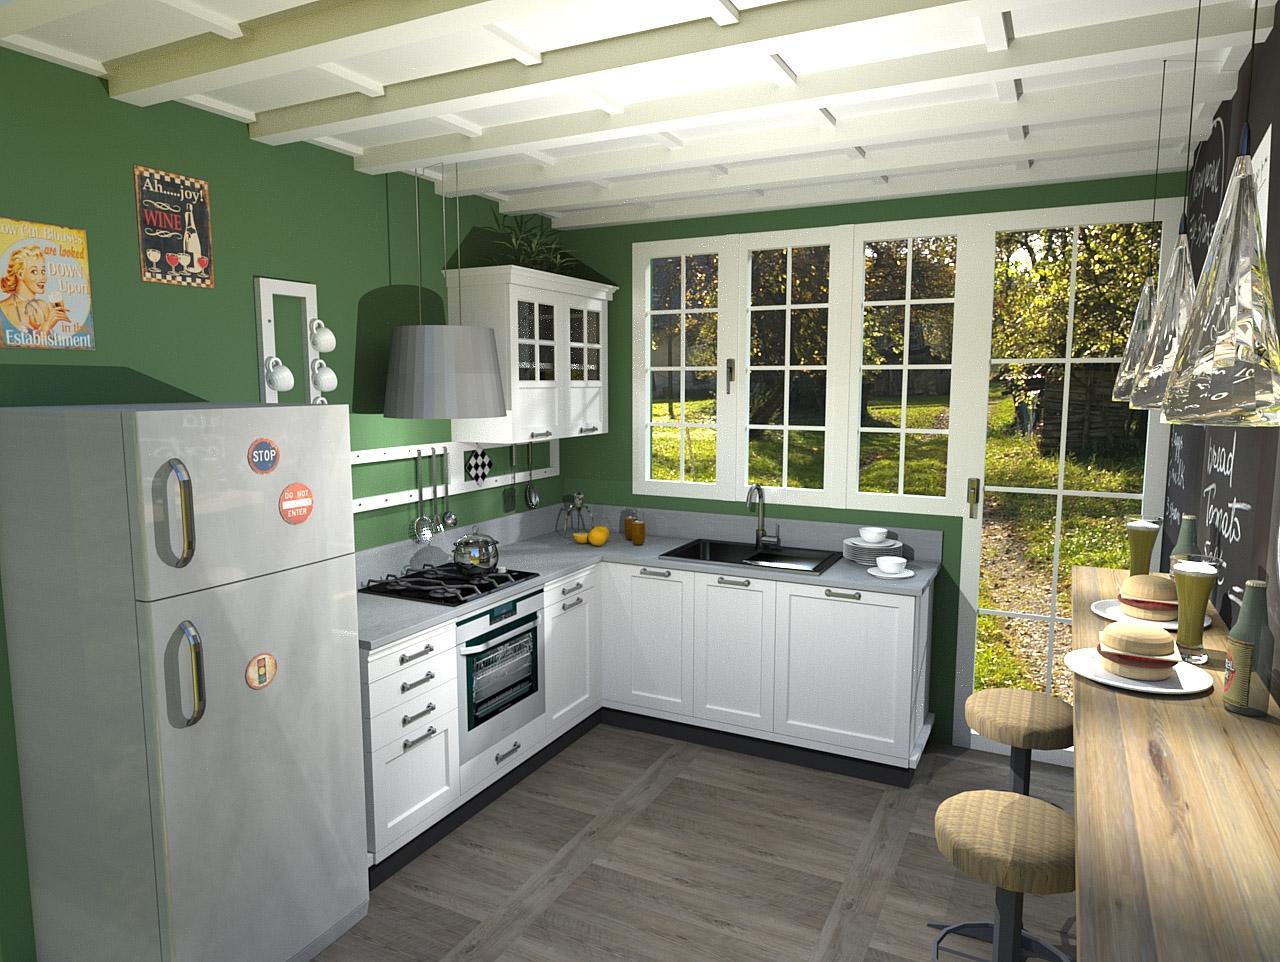 Cucina marchi kreola composizione 4 scontato del 51 - Marchi cucine outlet ...